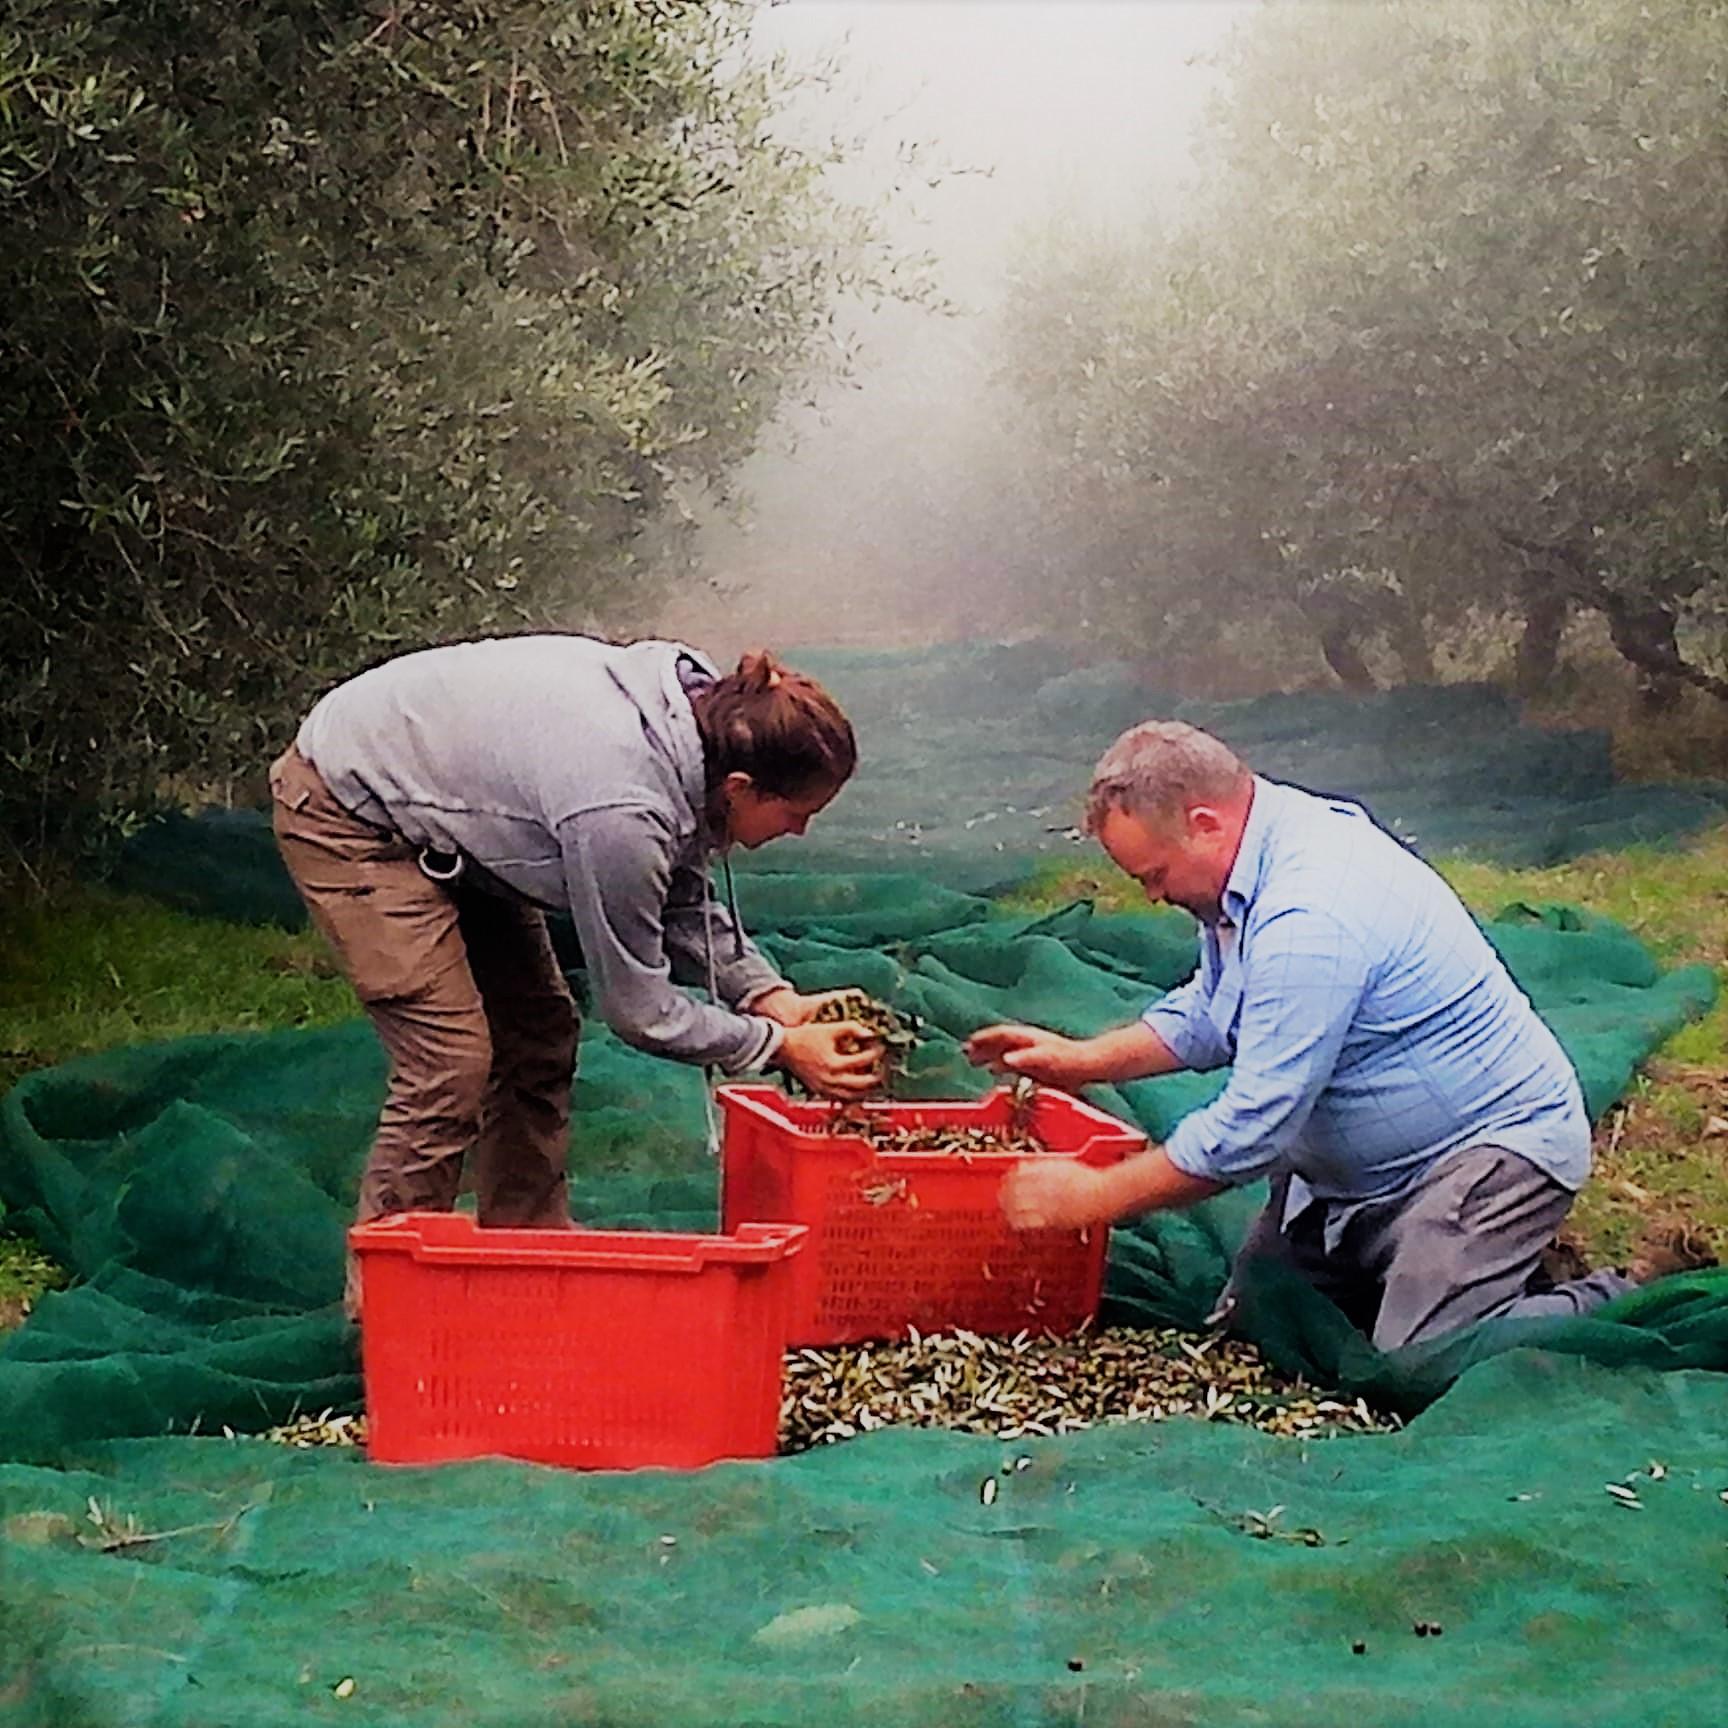 Cerchiamo aiuto per la raccolta delle olive in un'azienda biologica in Umbria